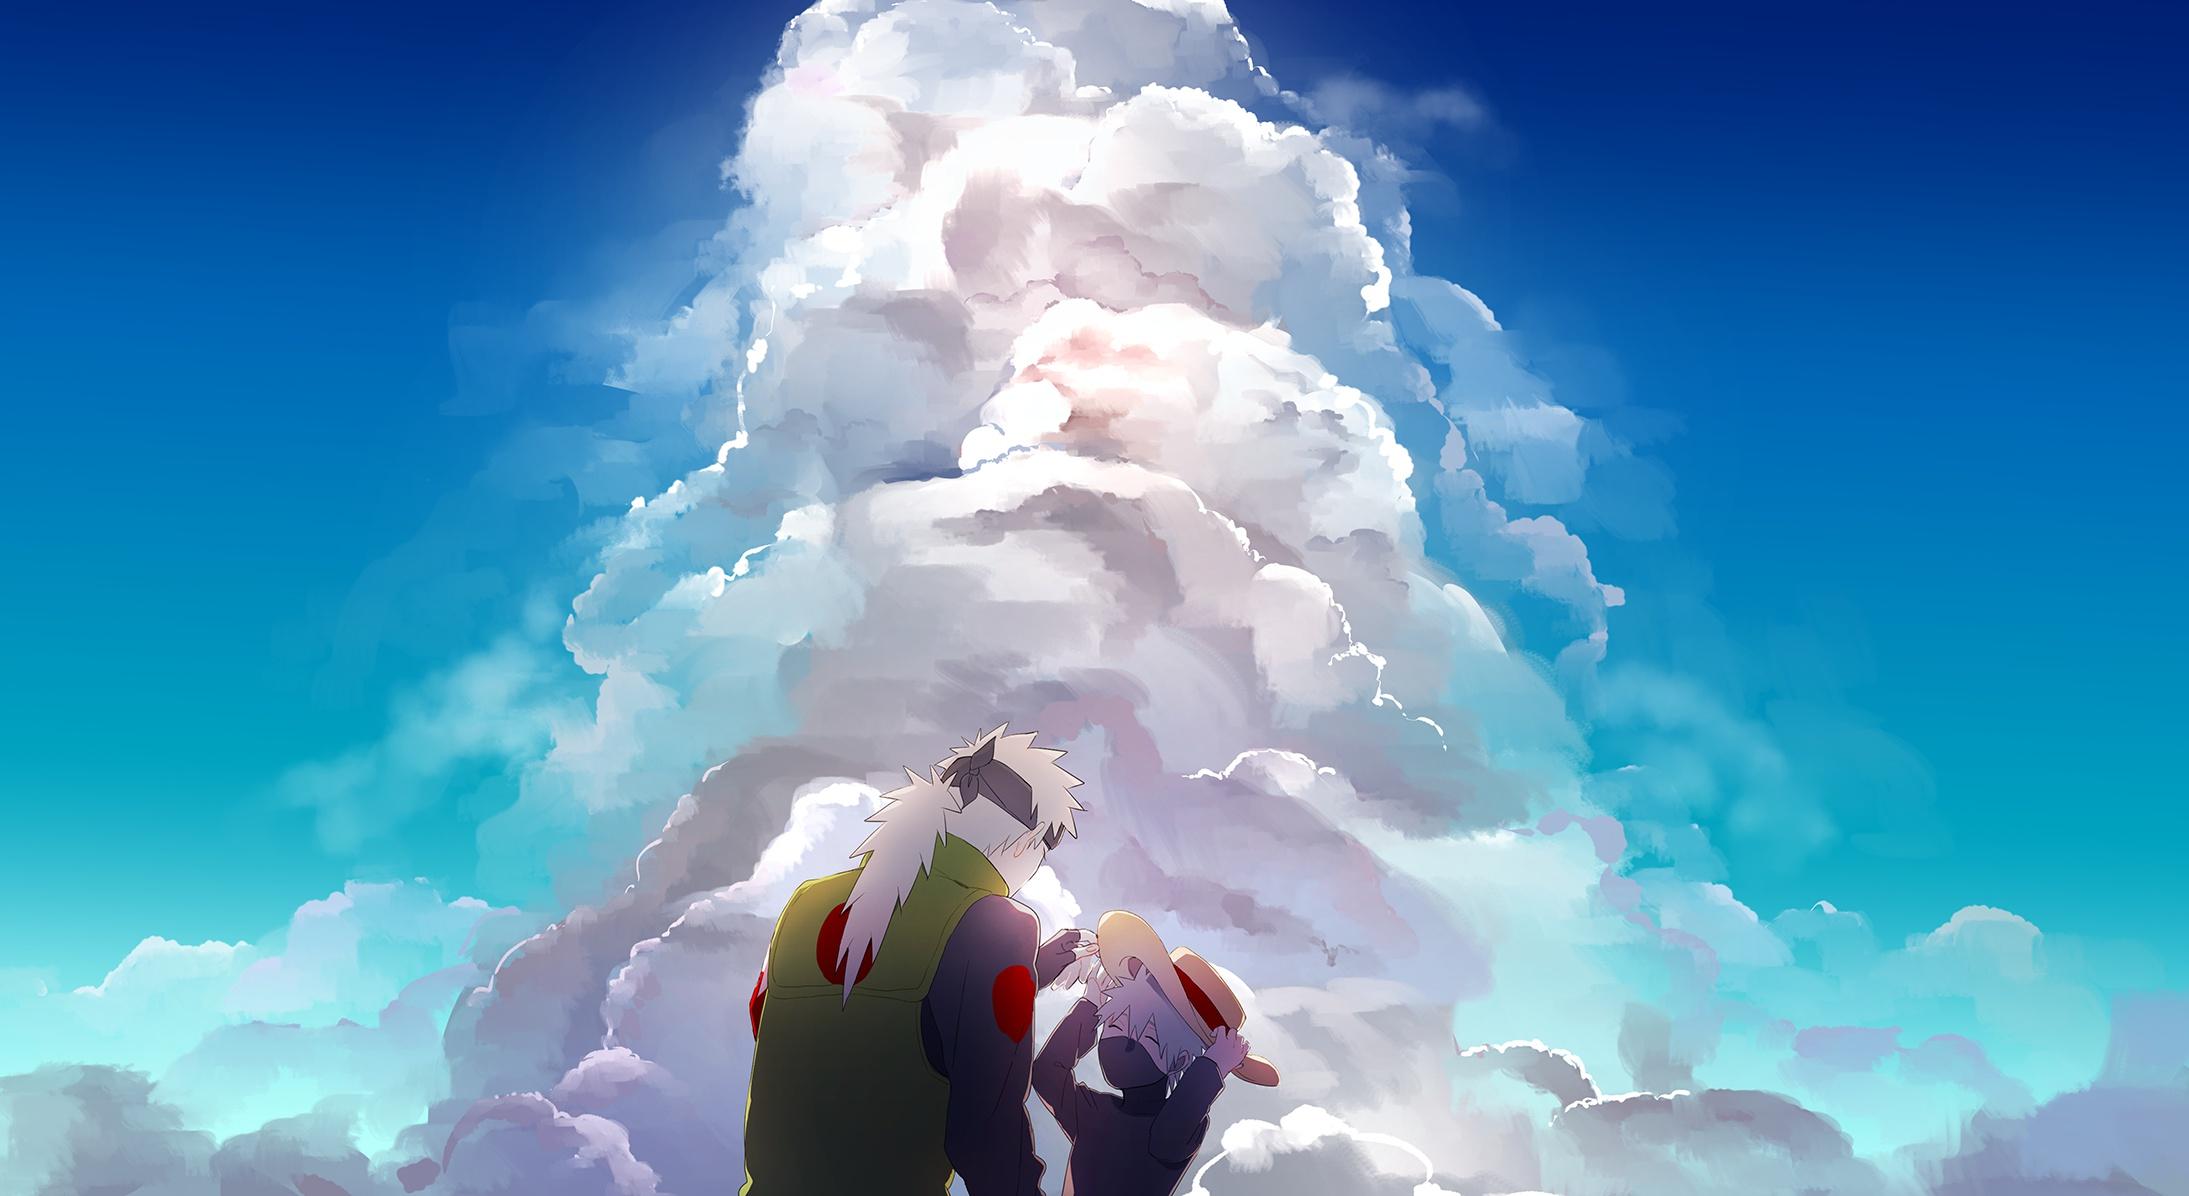 obito uchiha with guru